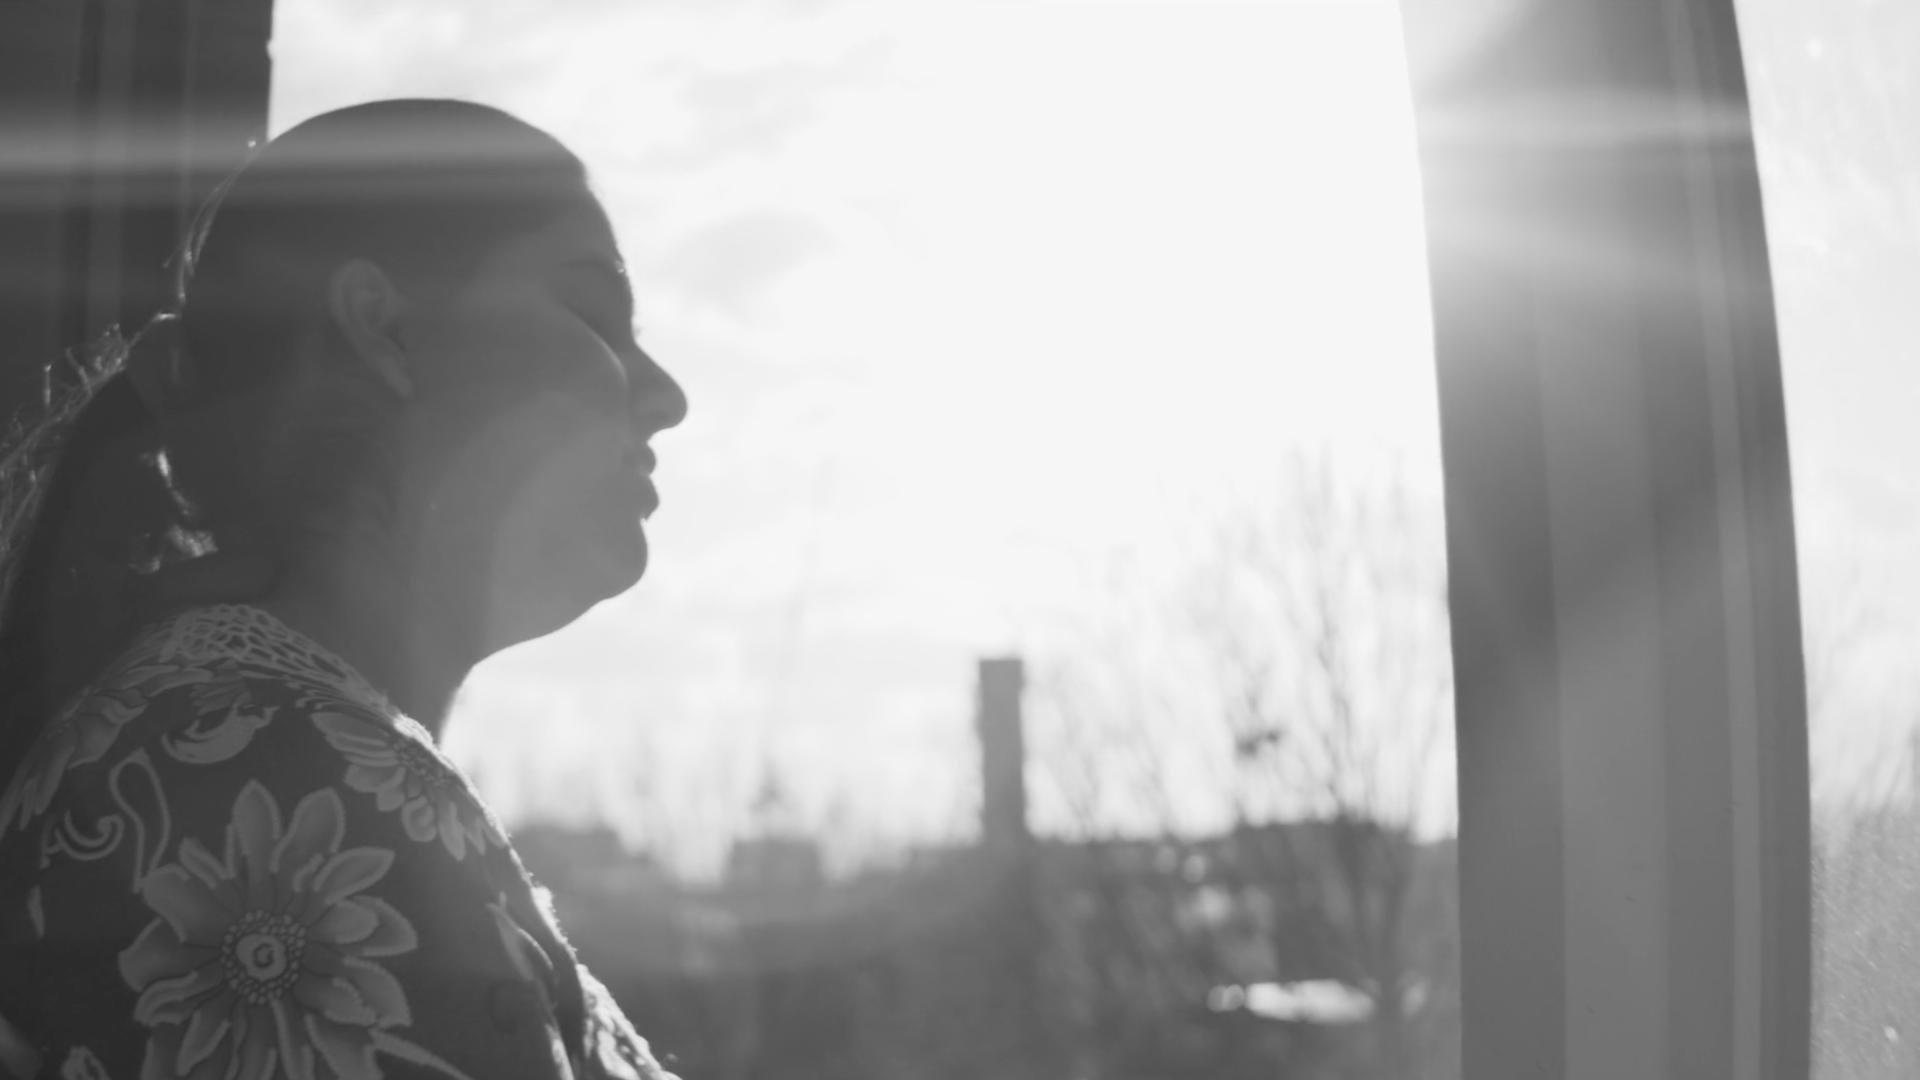 Royal Society for Blind Children - Zenny's Story (Short Film)